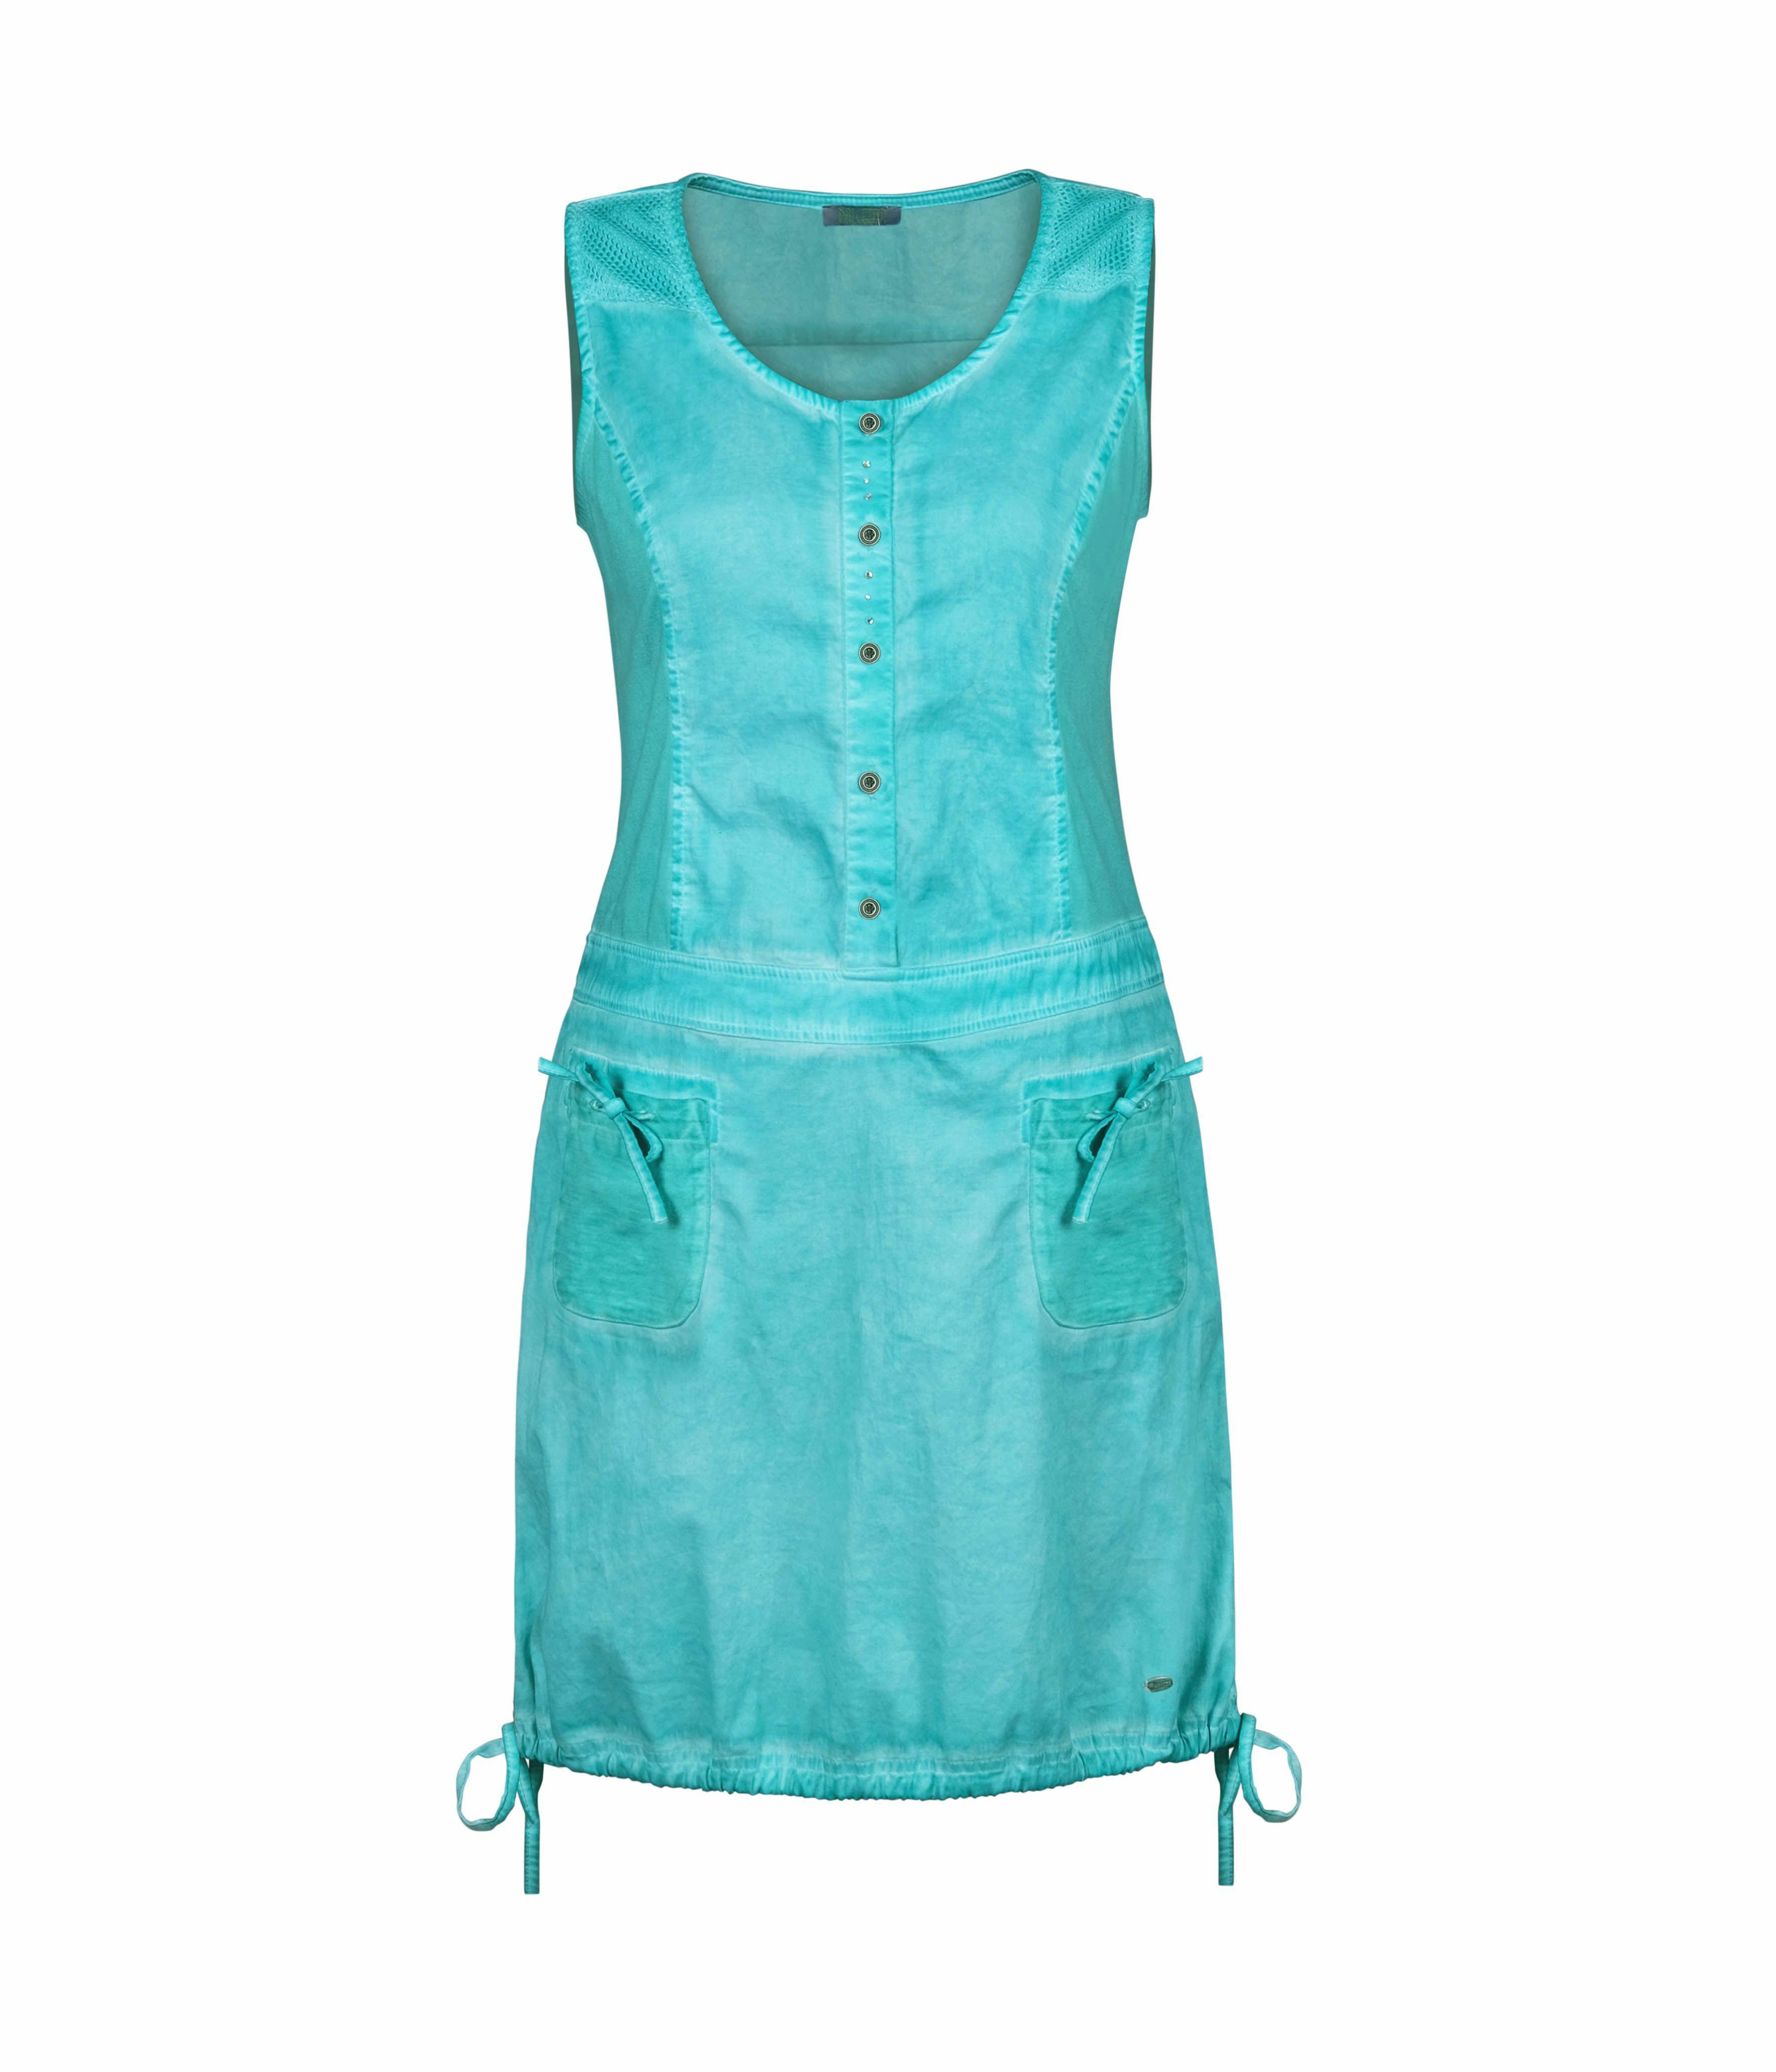 Dolcezza: Tropical Island Tied Hem Cotton Stretch Dress DOLCEZZA_20200_TURQ